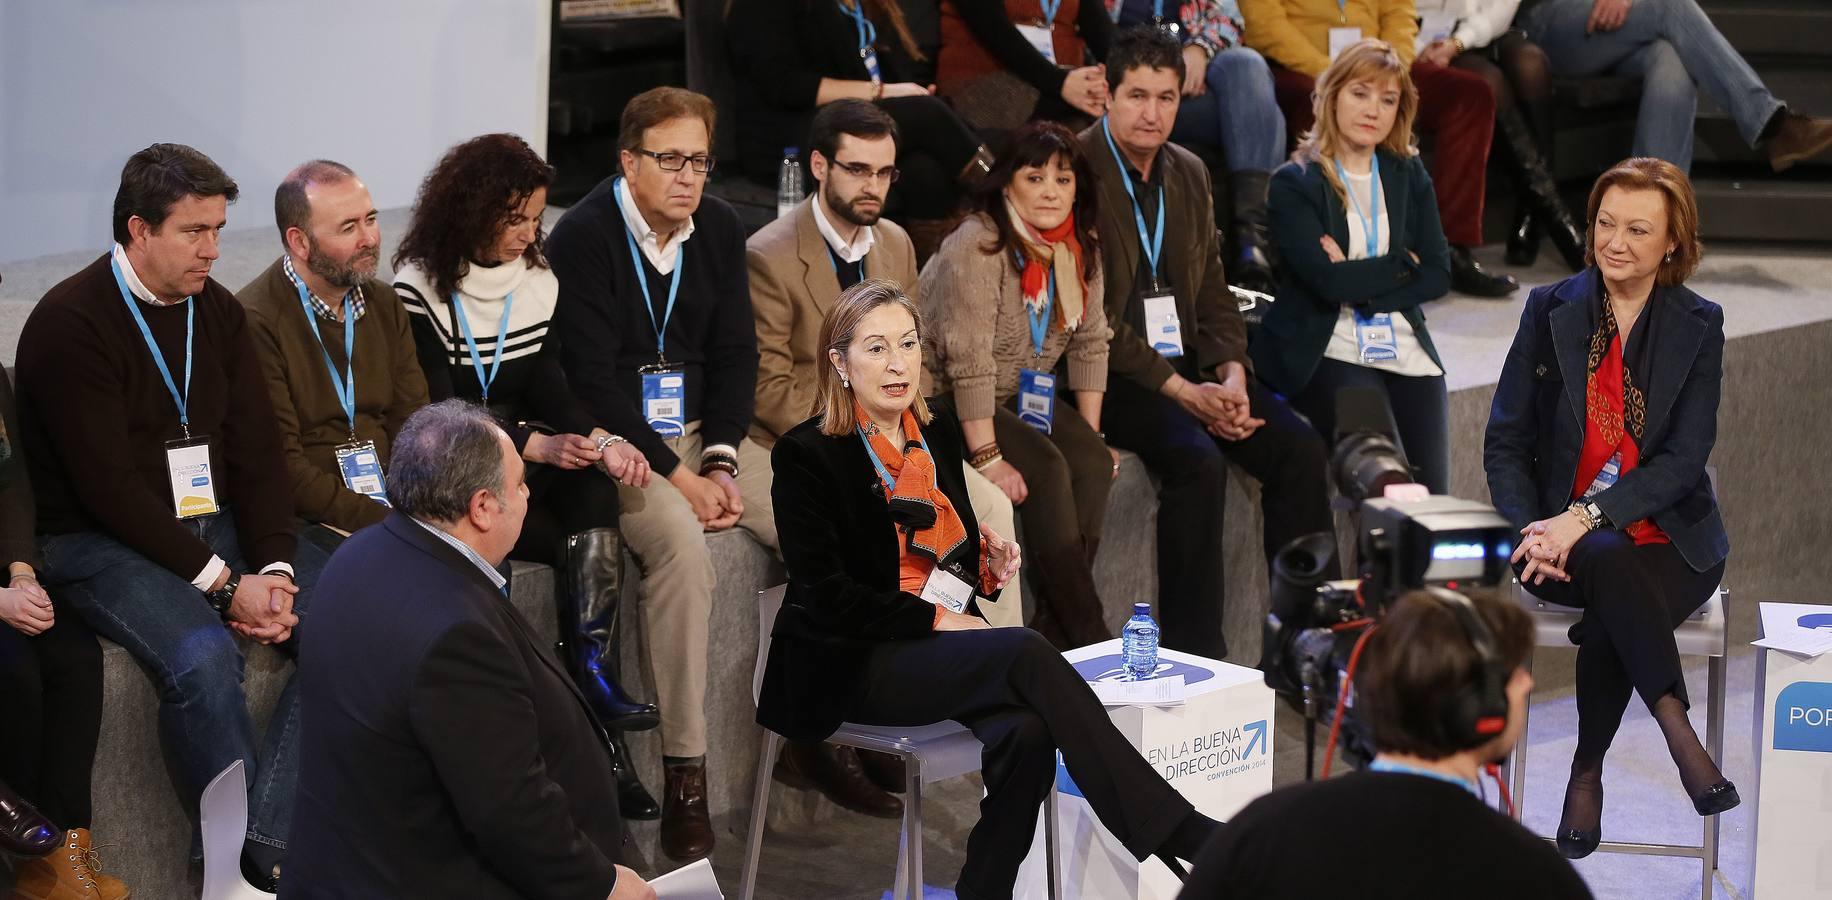 Jornada del sábado en la convención nacional del PP en Valladolid (1/5)